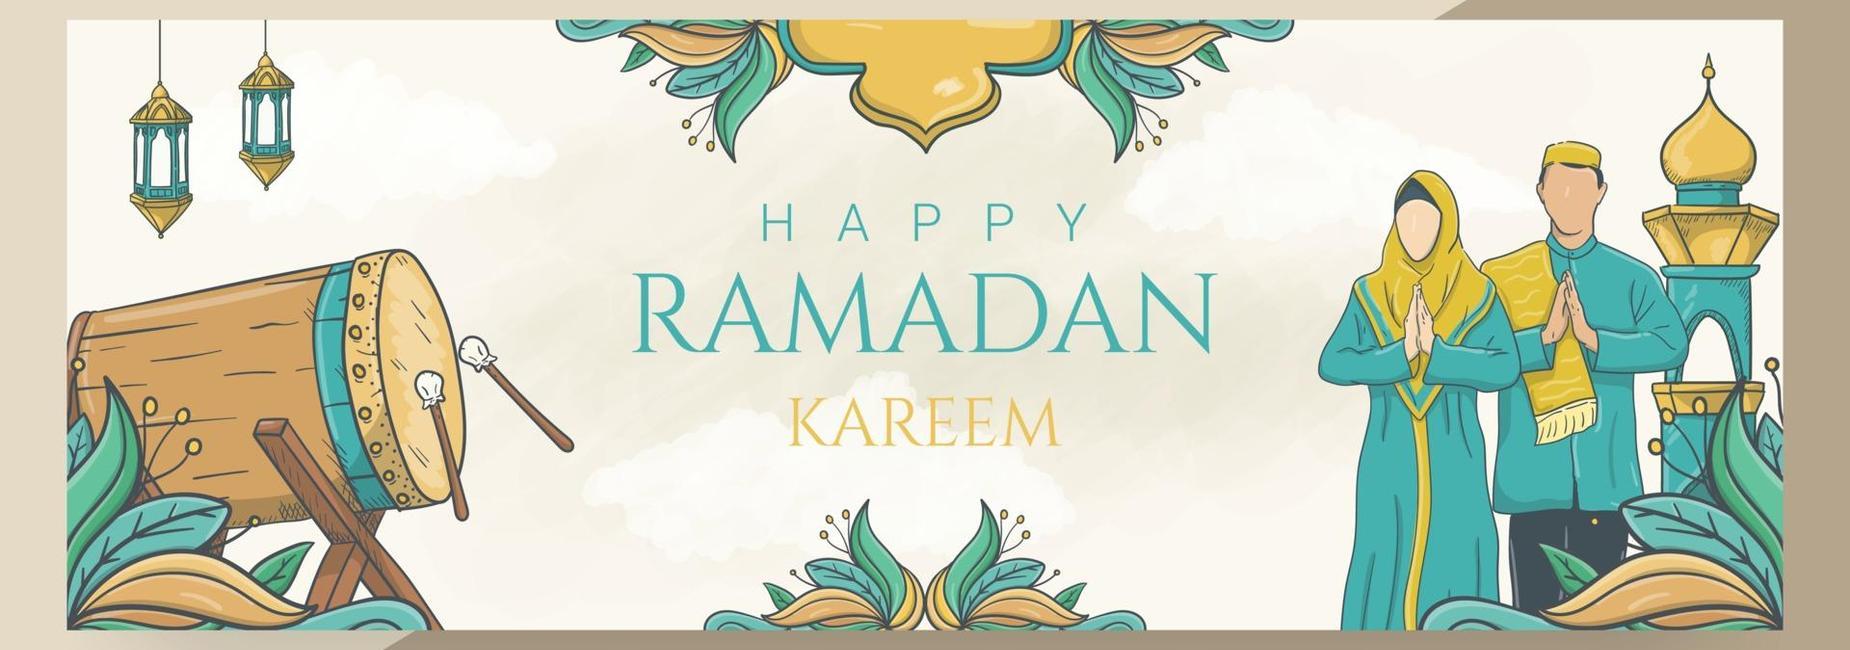 Happy Ramadan Kareem 2021